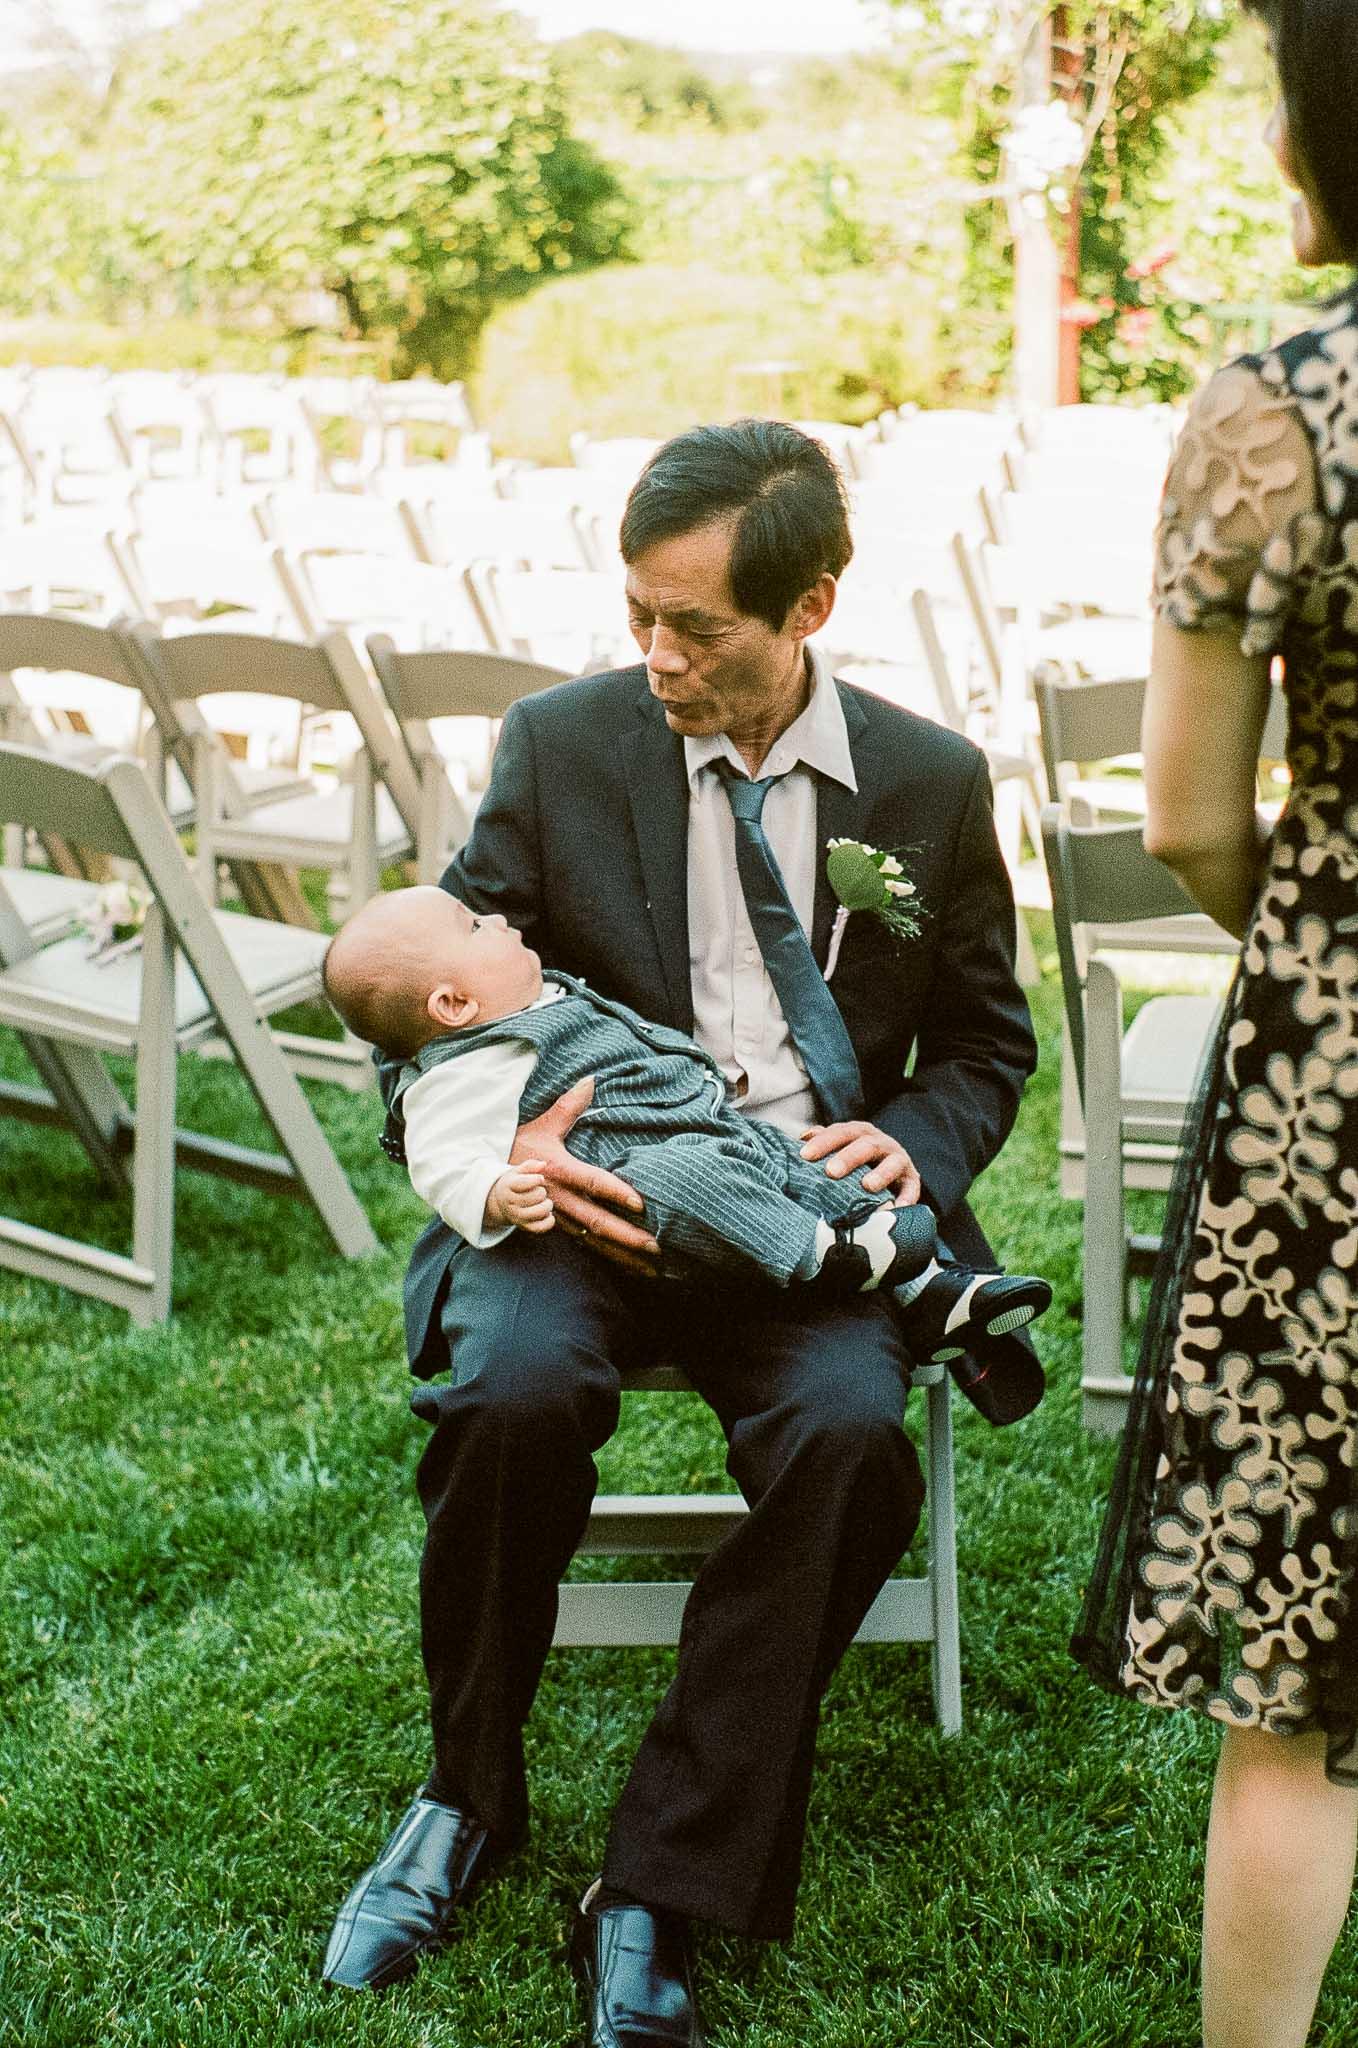 Man-Holding-Baby-Outside.jpg